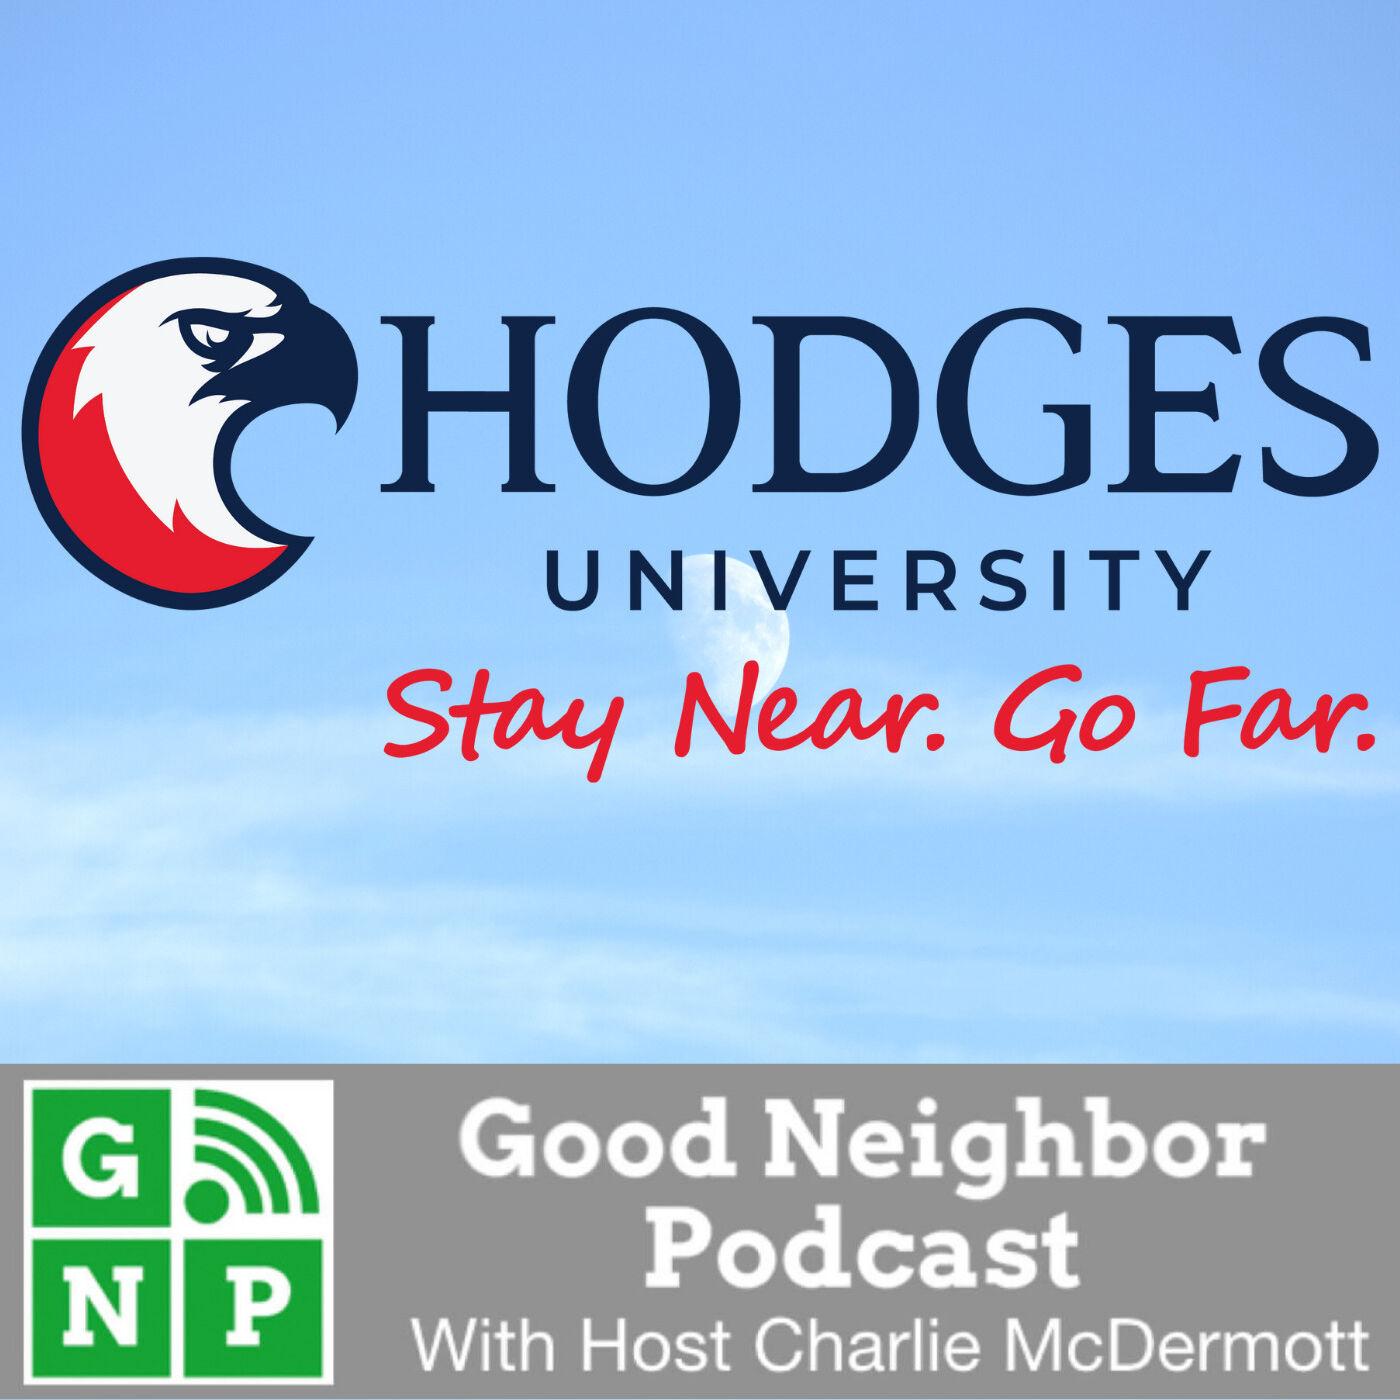 EP #486: Hodges University with Dr. John Meyer, President